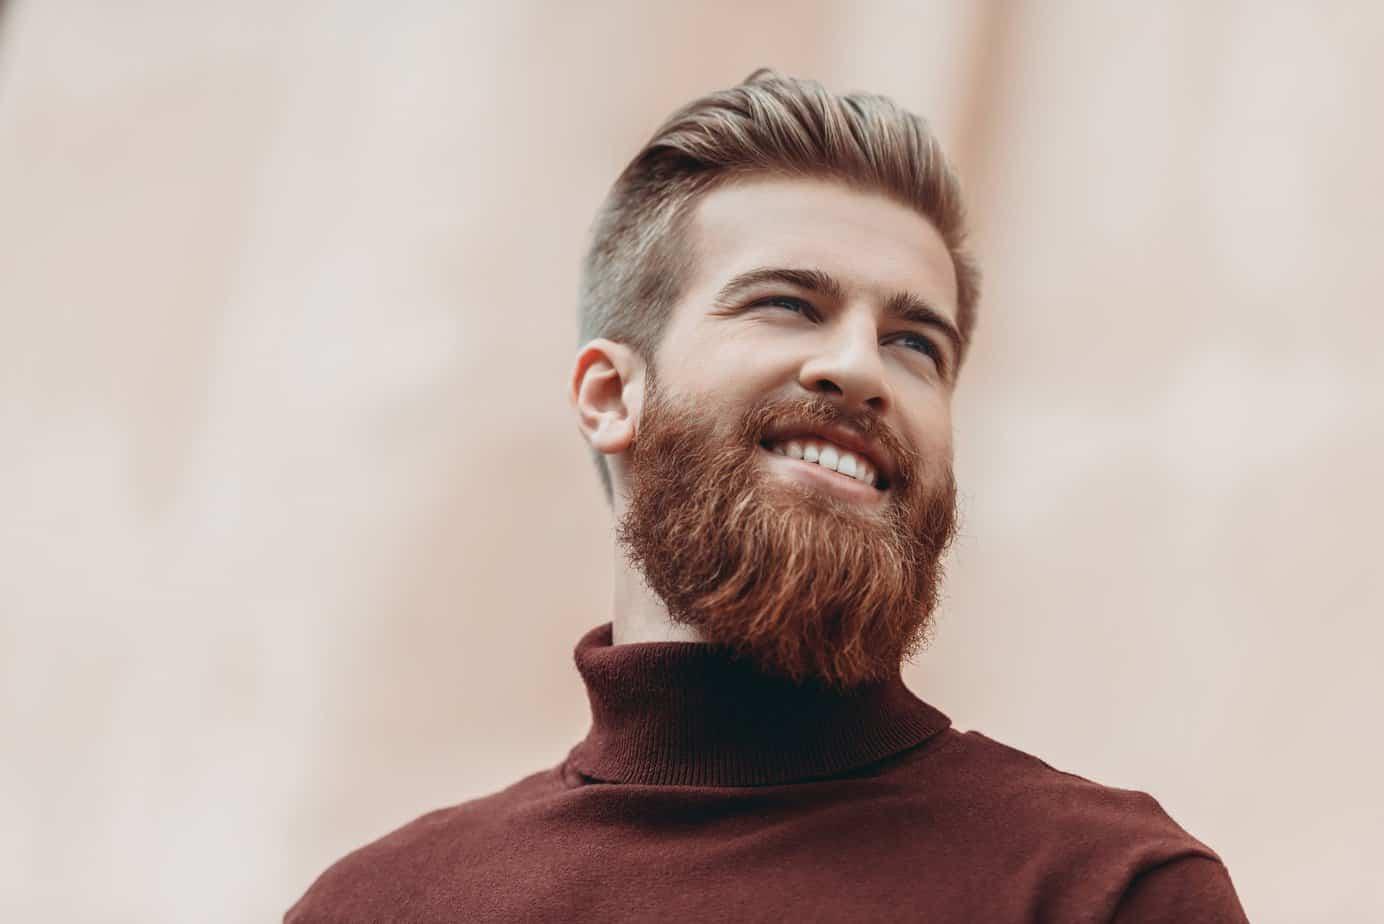 Beard Straightener Review WiredShopper